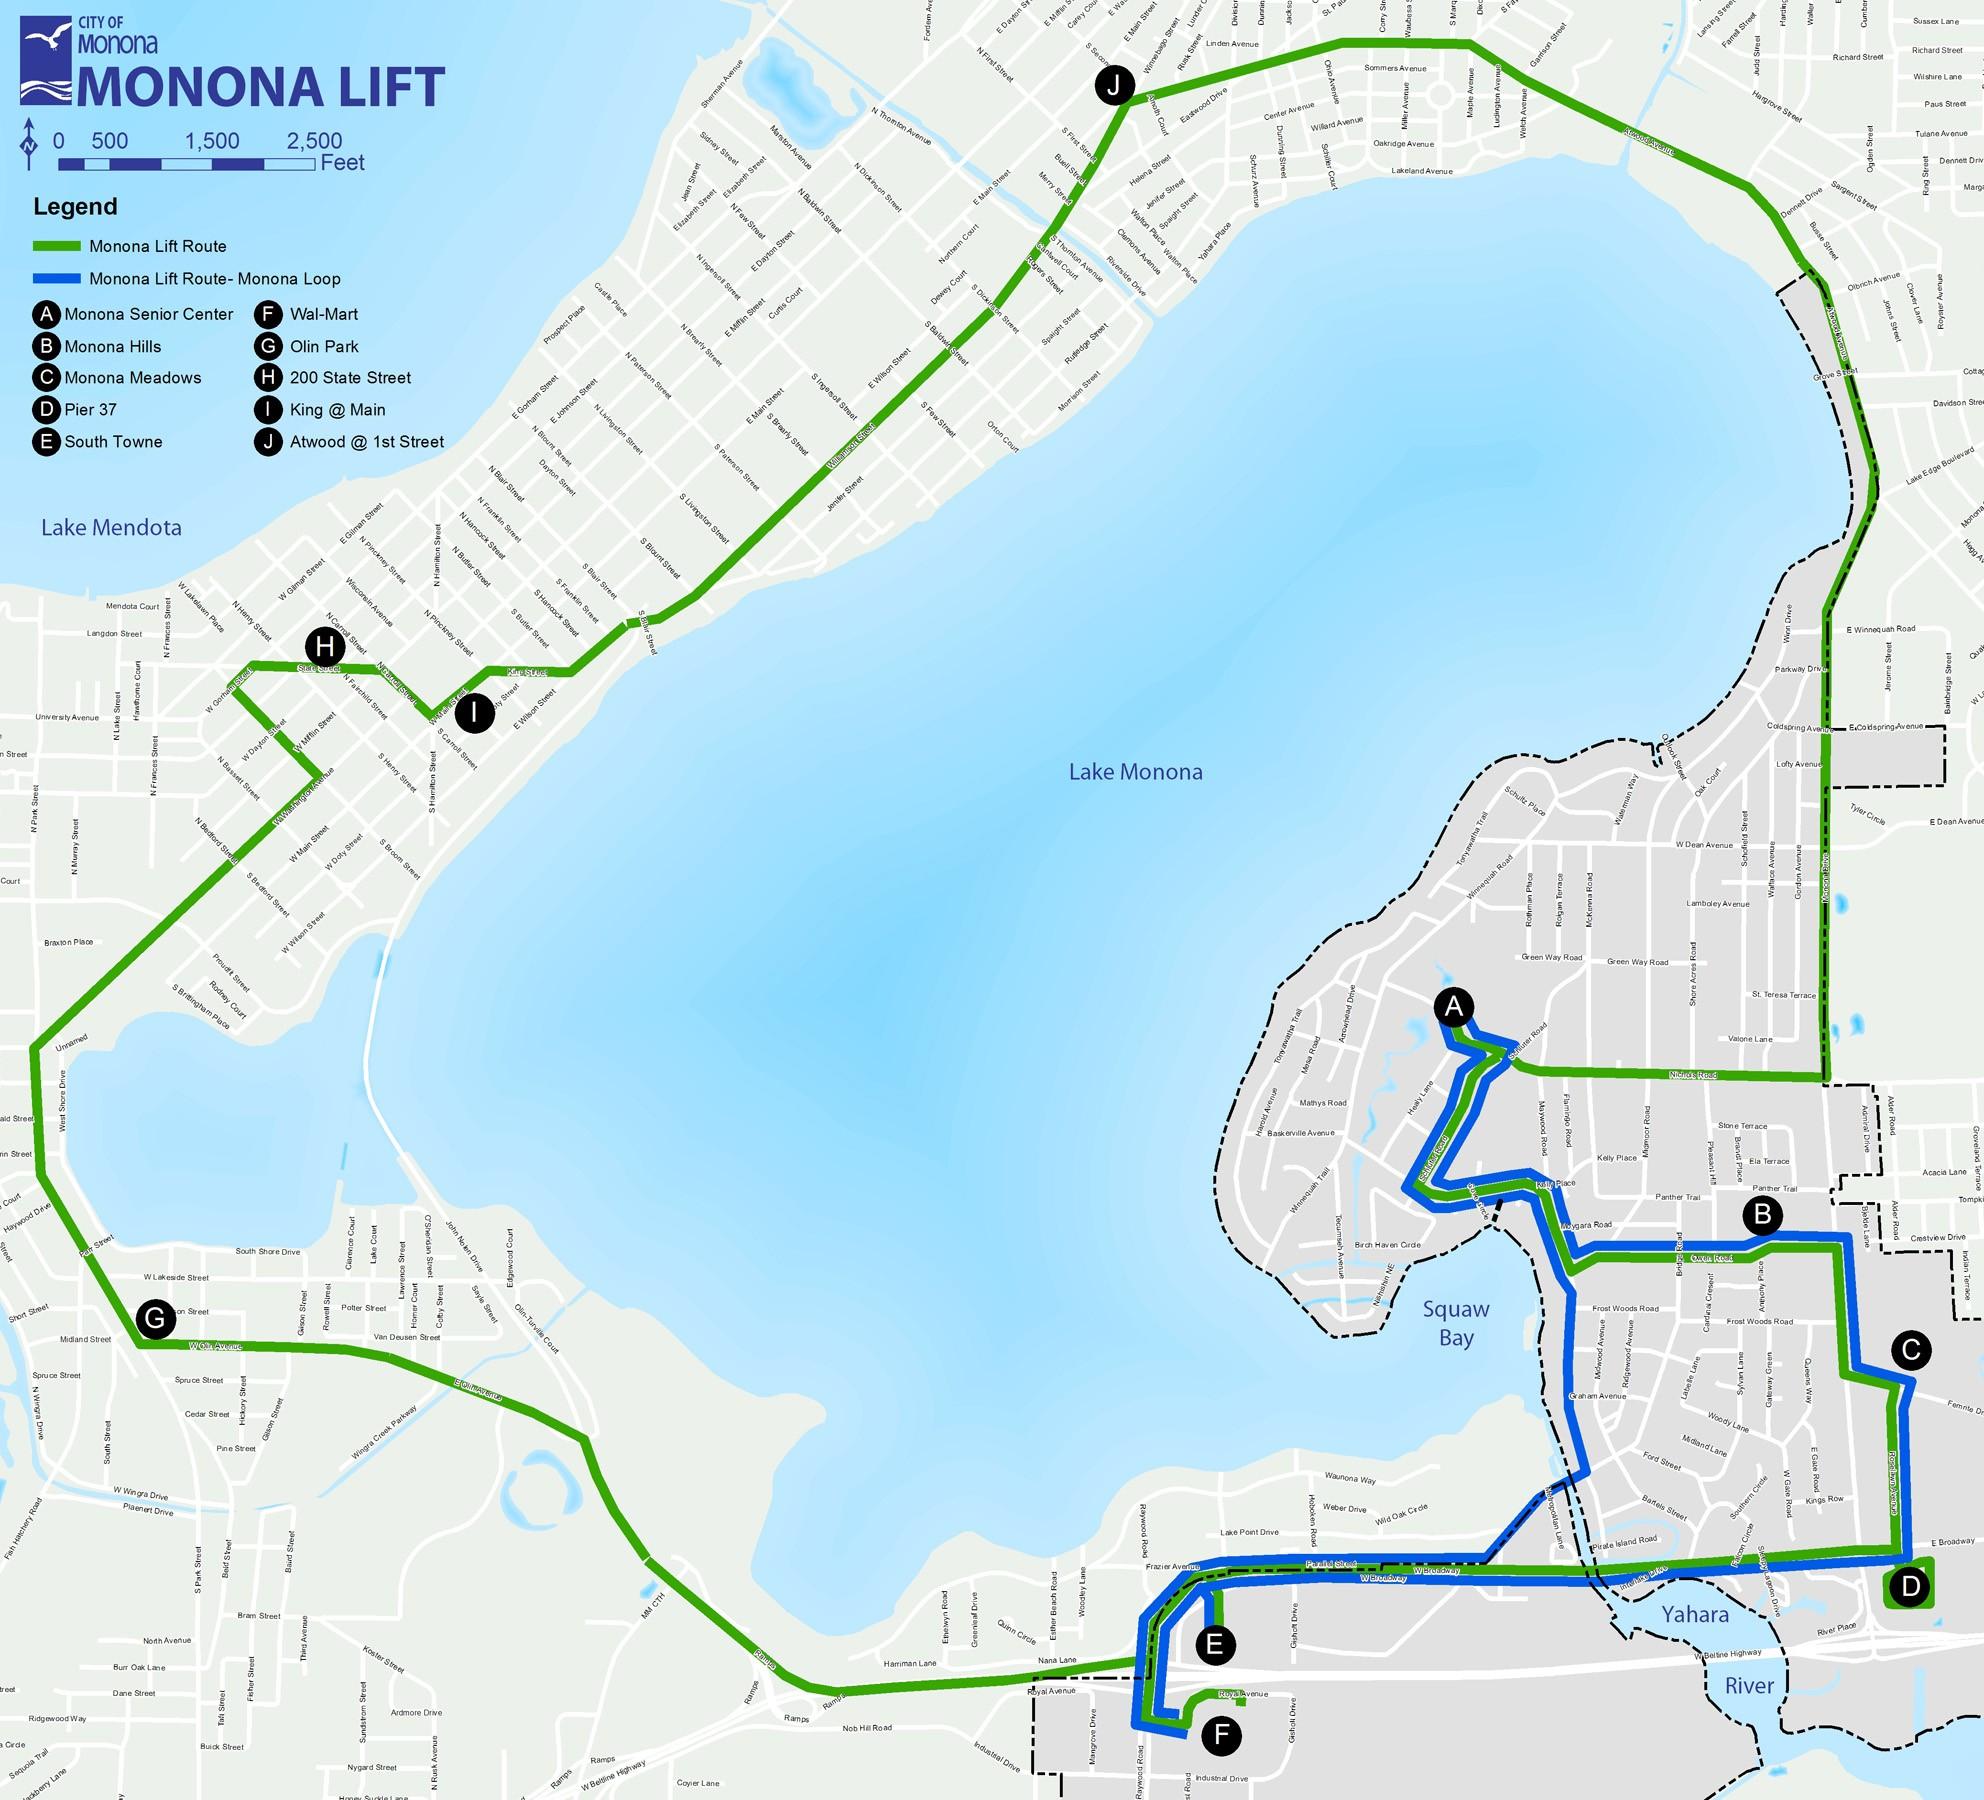 Monona Lift Bus Route Map Monona Wisconsin Mappery - Us bus routes map